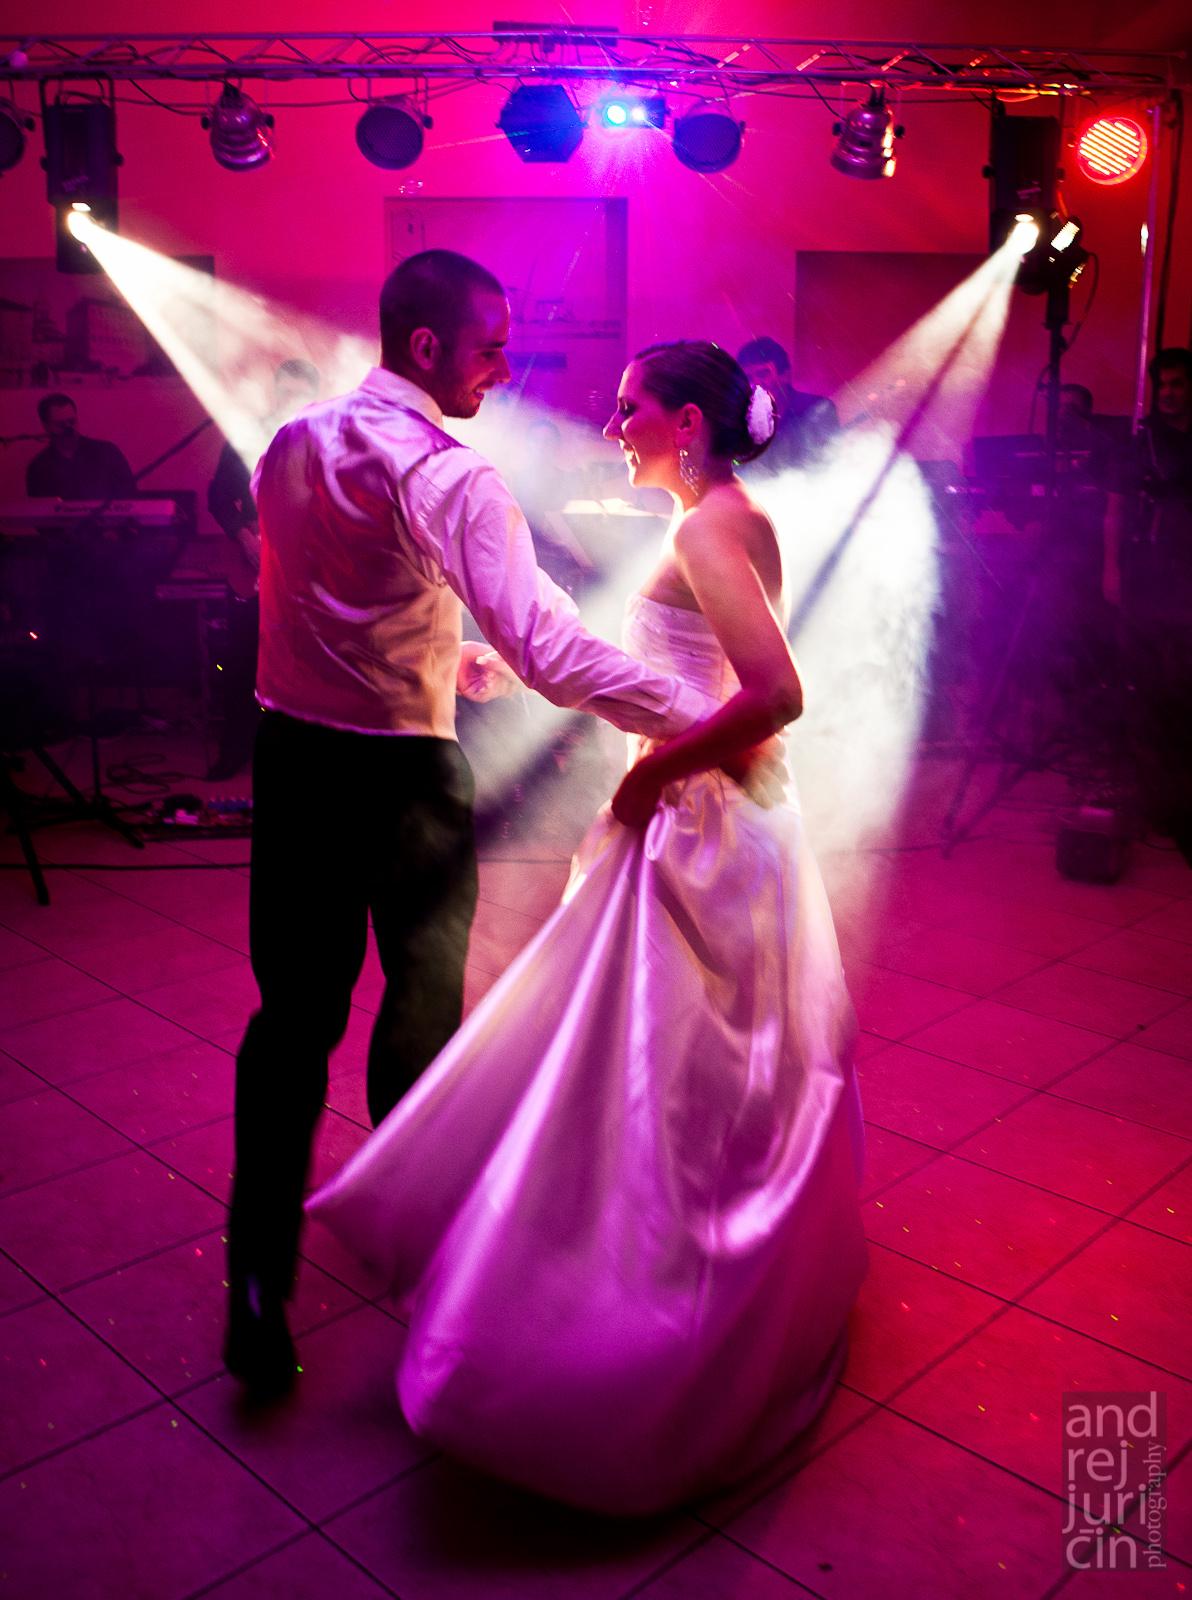 Rasvjeta za vjenčanja, rasvjeta za vjenčanja zadar, Rasvjeta na svadbi, Specijalni efekti na vjenčanju, Svjetlosni efekti na vjenčanjima, Svjetlosni efekti na svadbama, Light show za svadbe, dekorativno osvjetljenja prostora